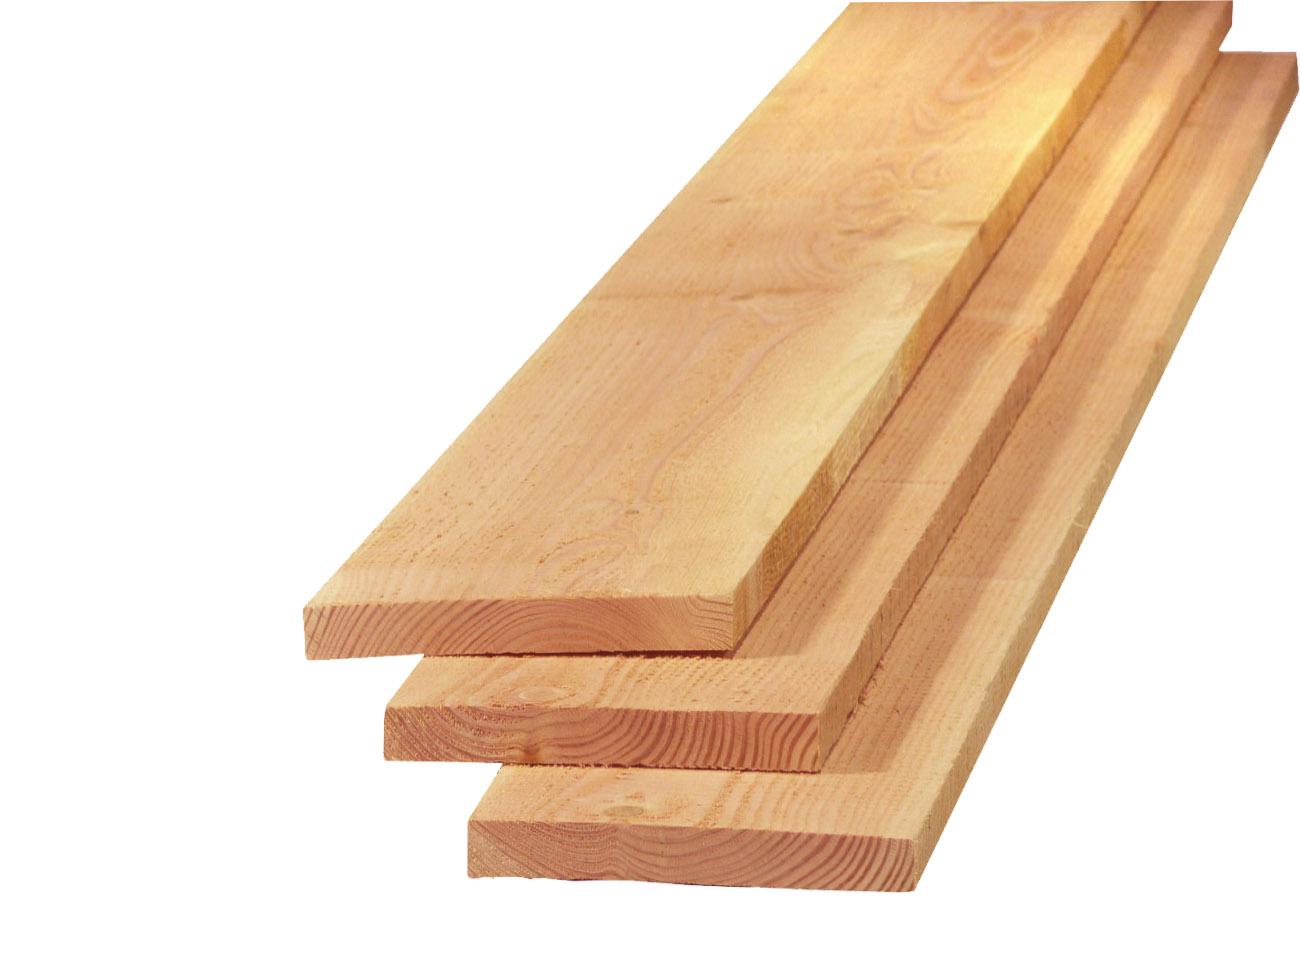 14. Planken 22x150x3000 4000 5000mm onbehandeld fijnbezaagd